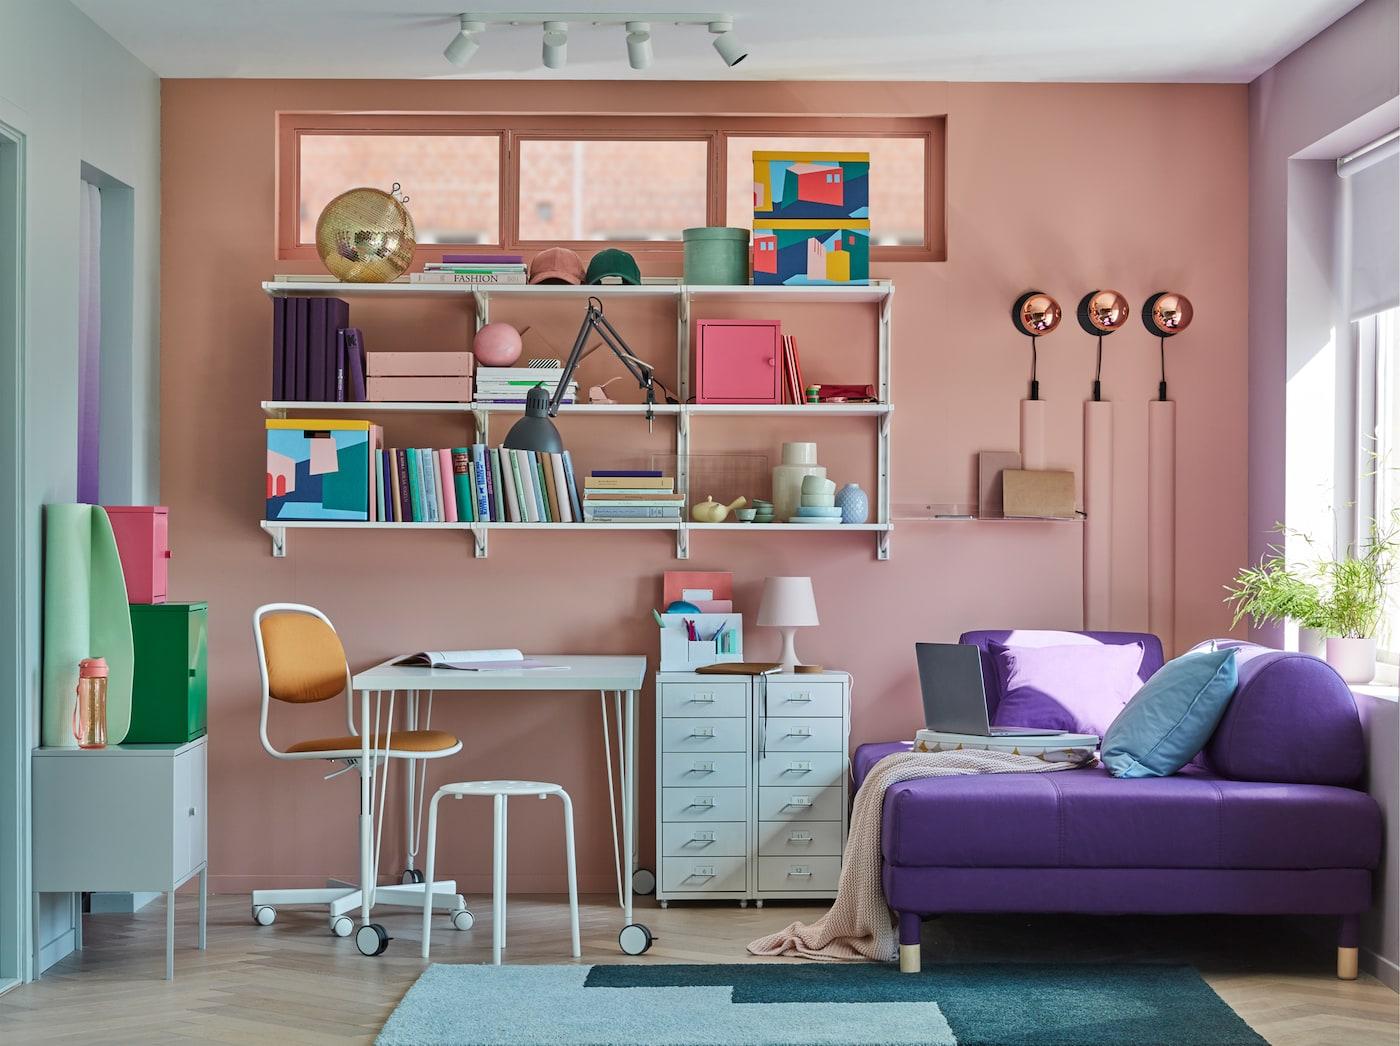 bureau domicile ikea. Black Bedroom Furniture Sets. Home Design Ideas